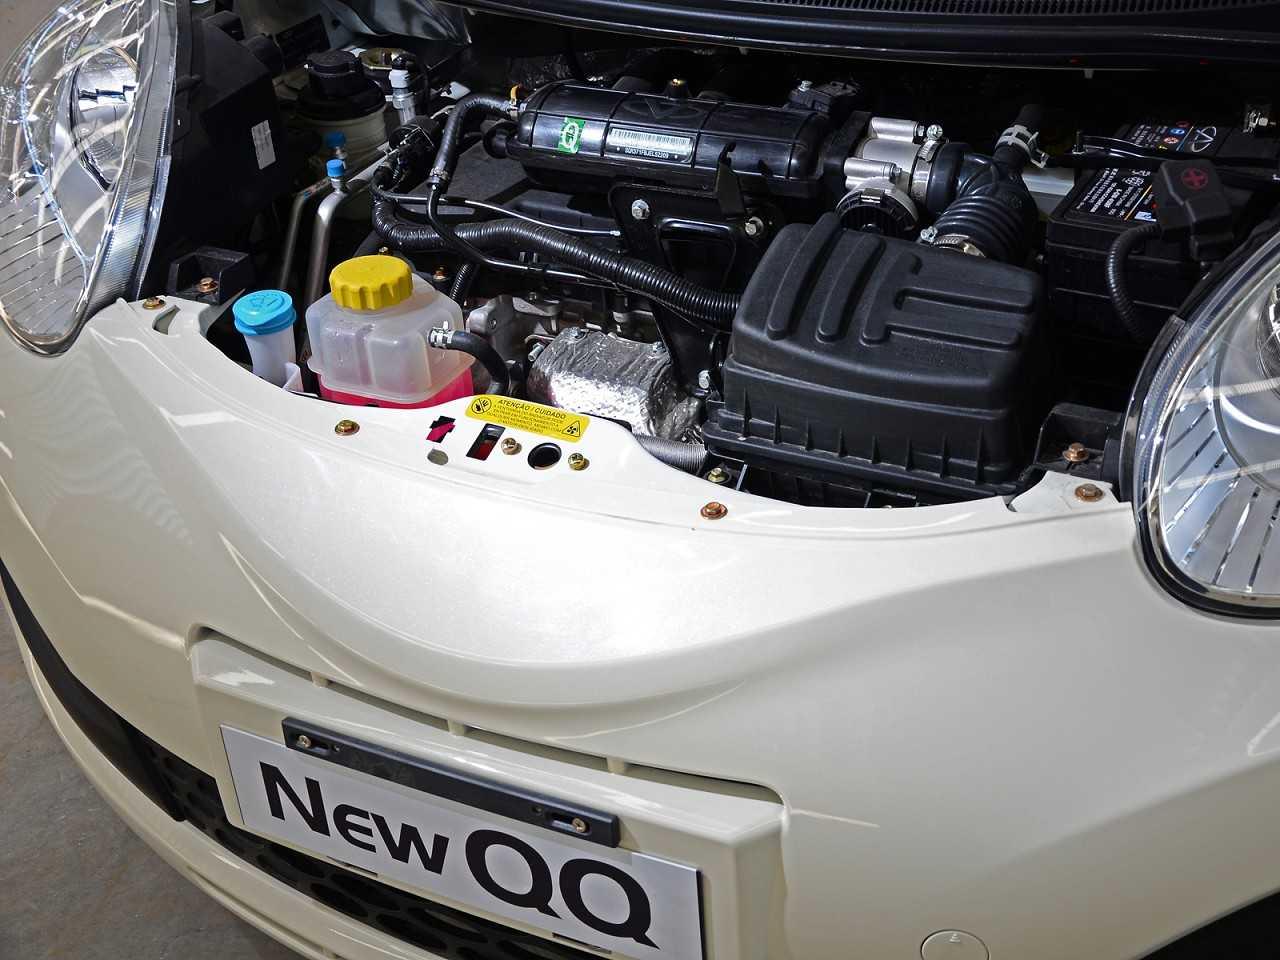 CAOA CheryQQ 2016 - motor